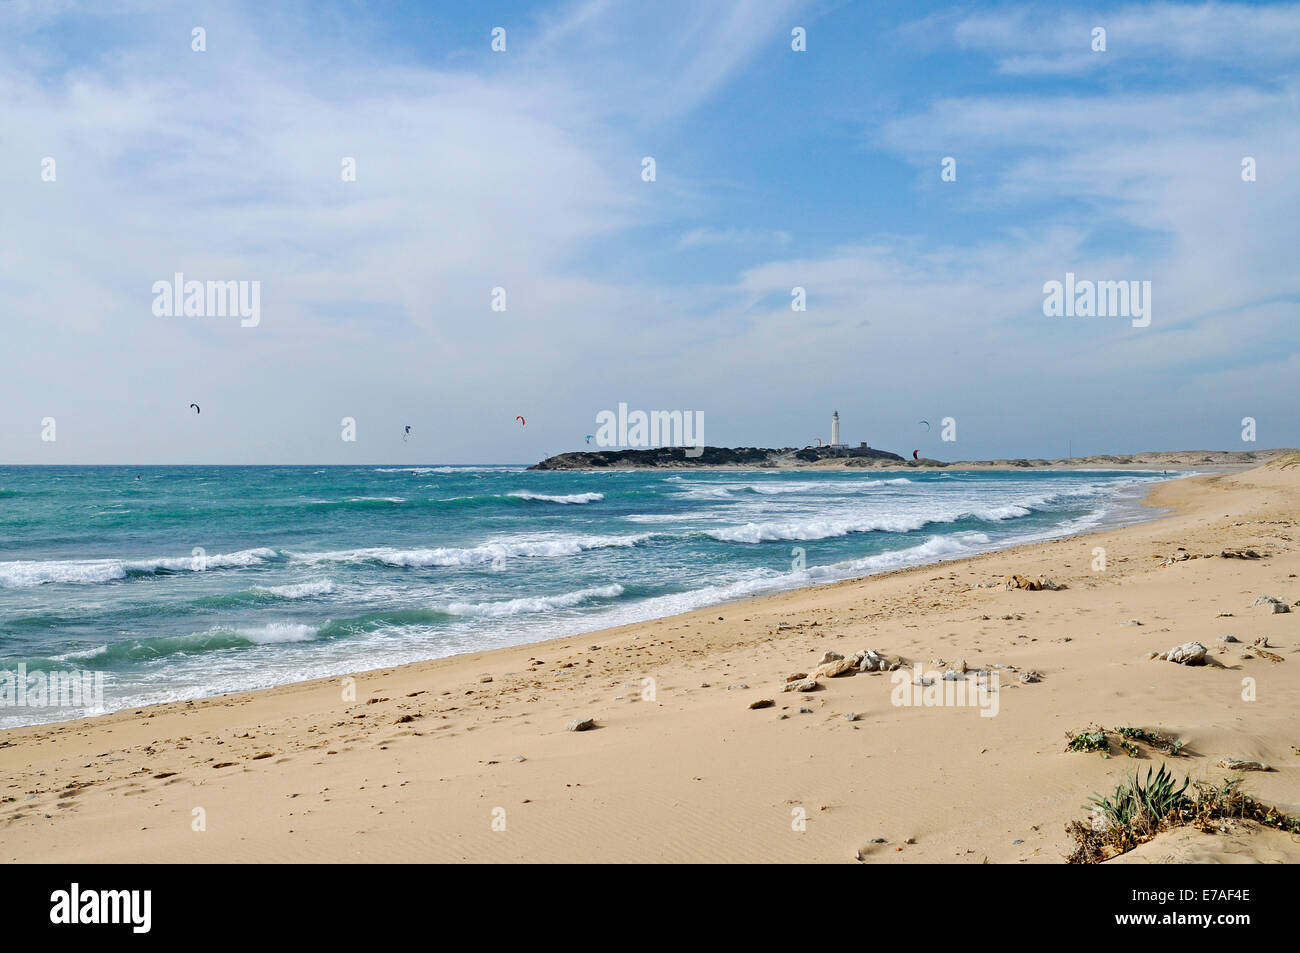 La plage de Caños de Meca, plage, kitesurfers, Cabo de Trafalgar à l'arrière, phare, Barbate, province de Cadix, Andalousie Banque D'Images